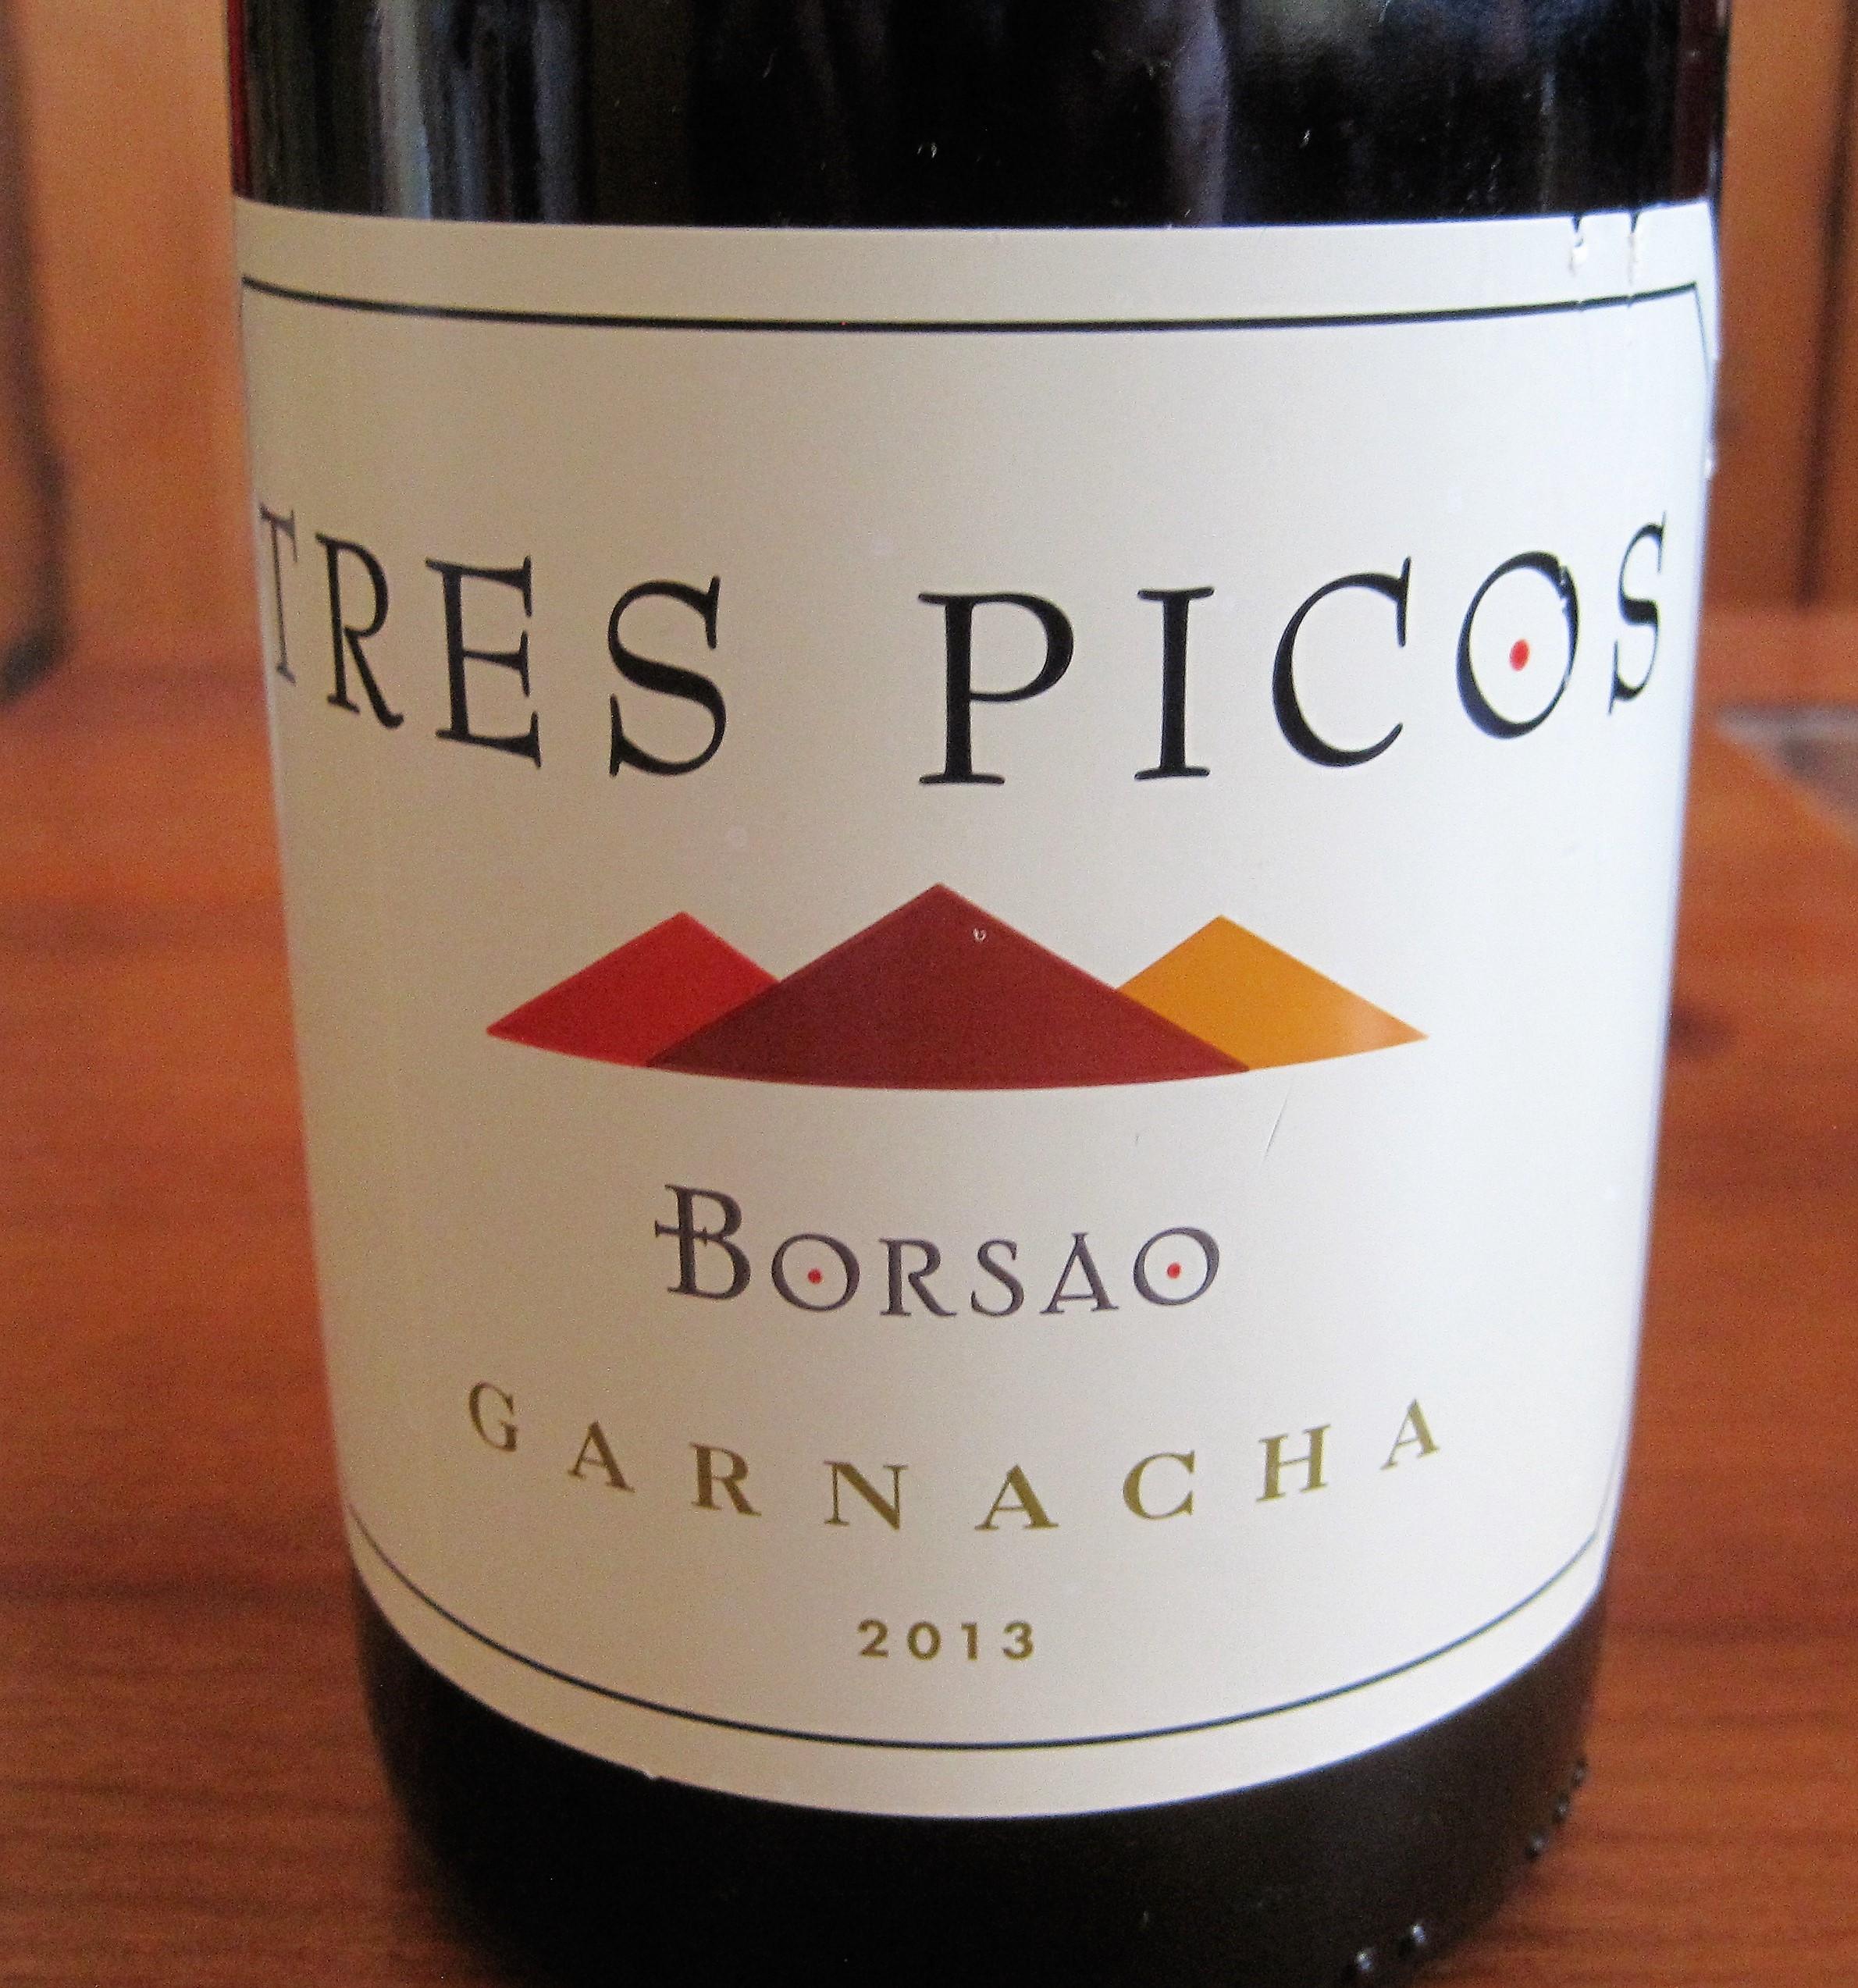 Tres Picos - Foto vinummedia.com